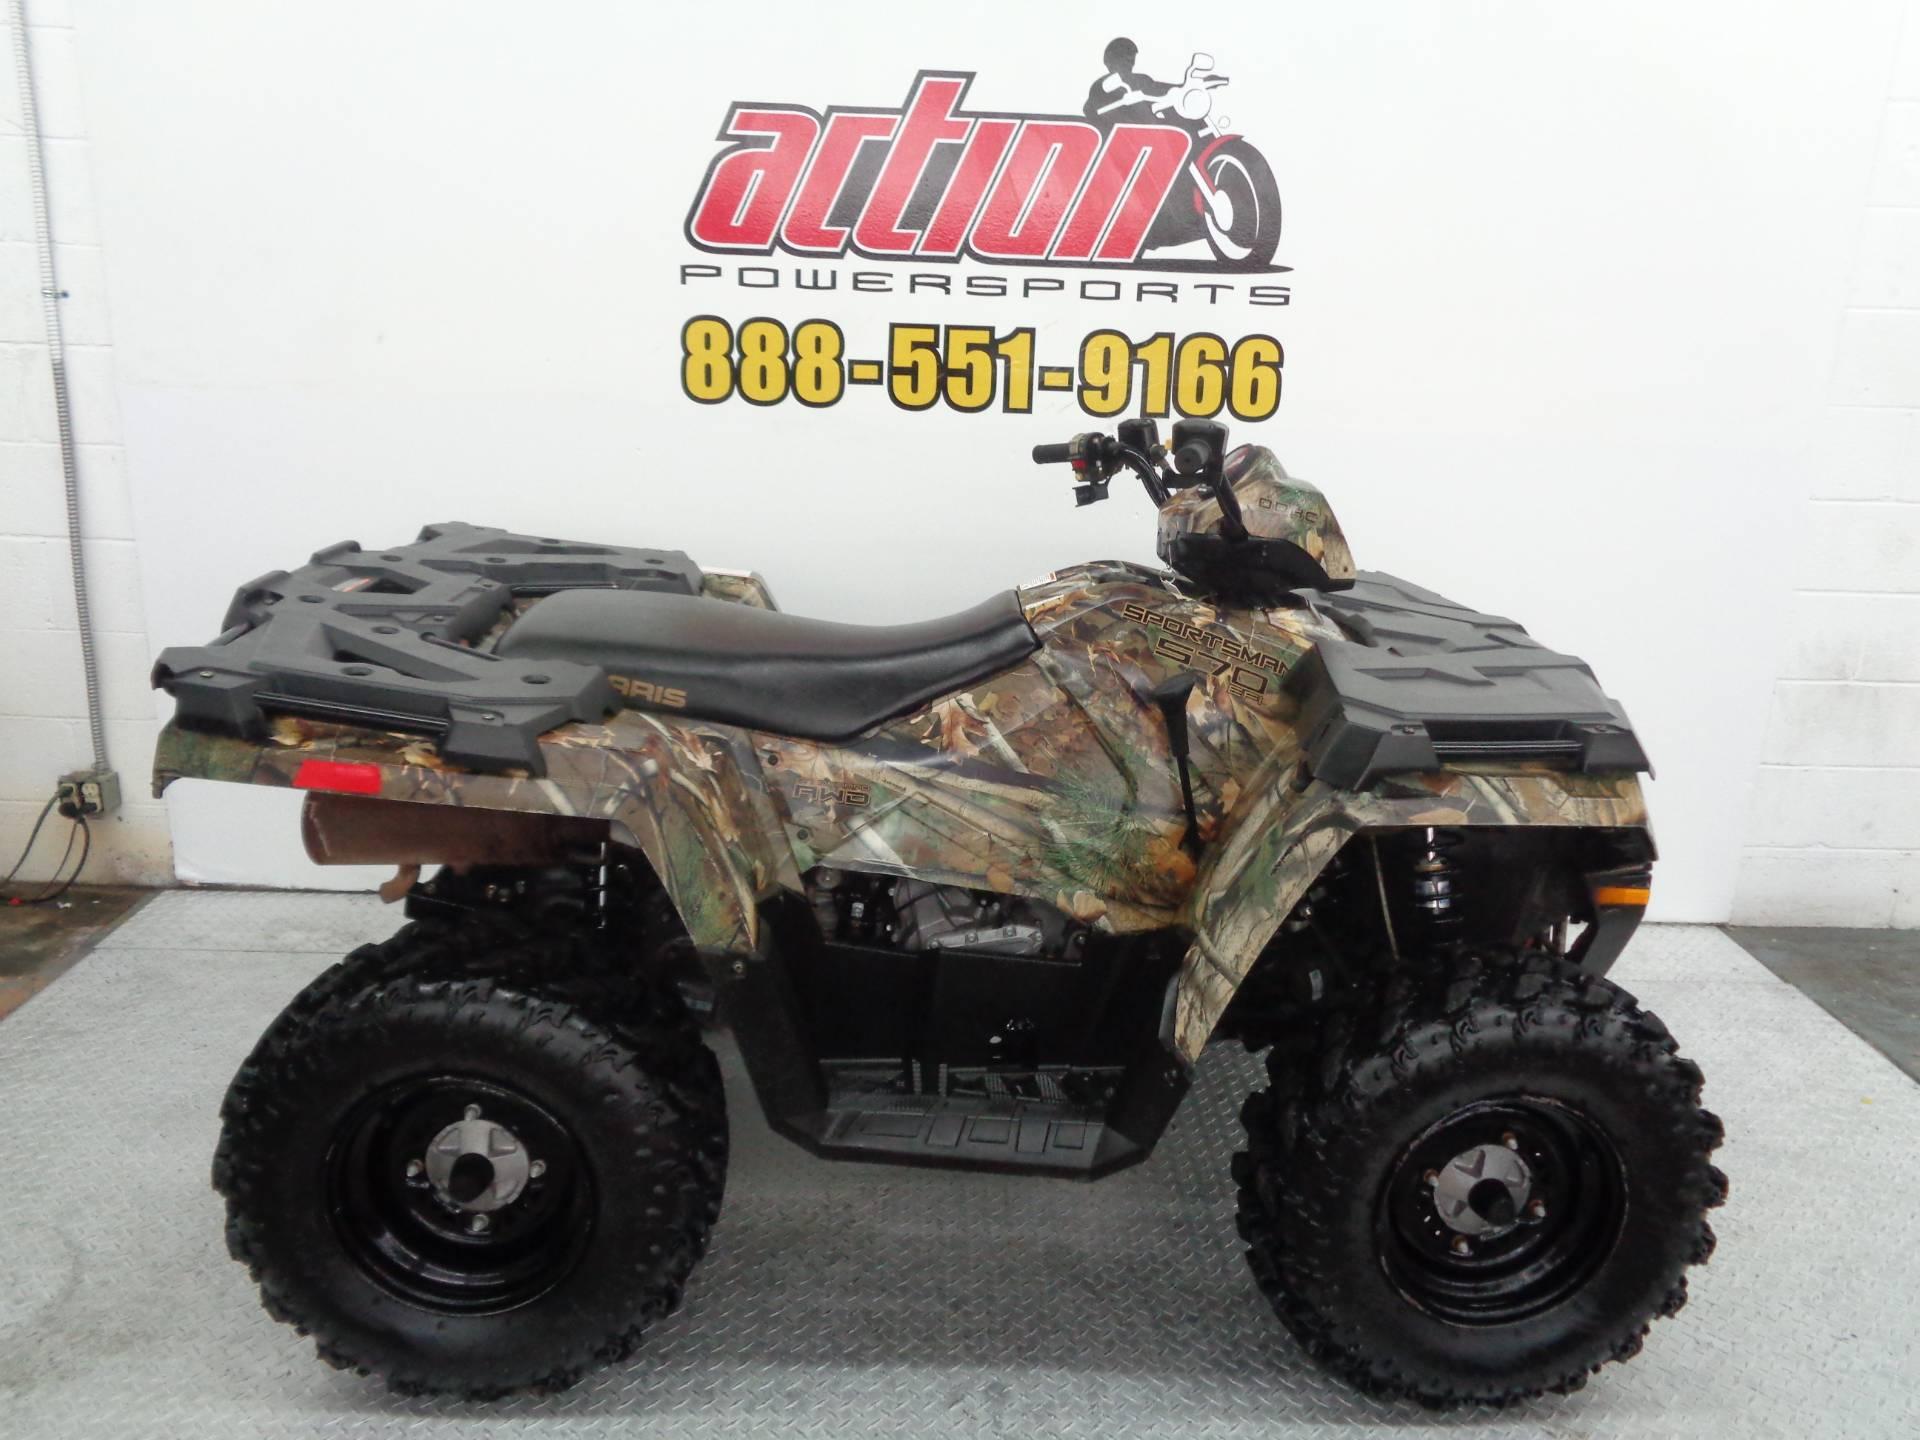 Used 2014 Polaris Sportsman 570 Eps Atvs In Tulsa Ok Stock